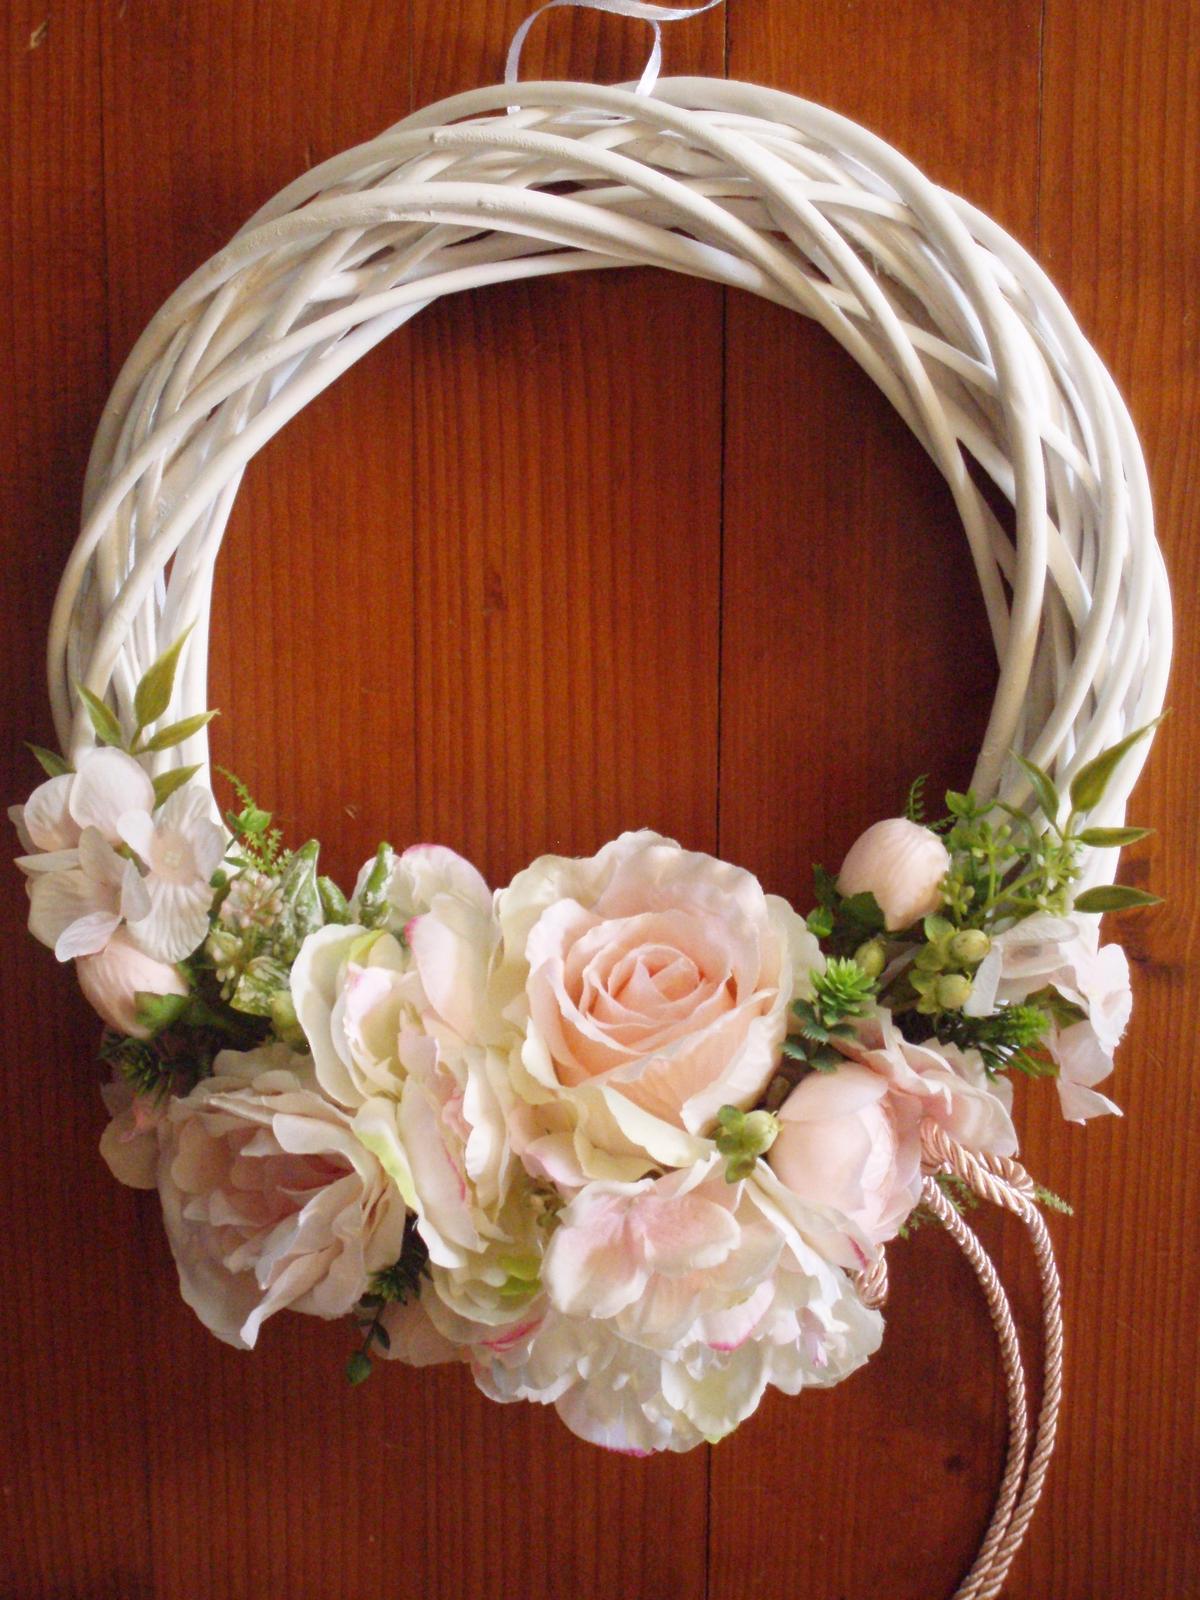 362. Jemne ružovo-biely veniec s mašlou 33cm - Obrázok č. 1